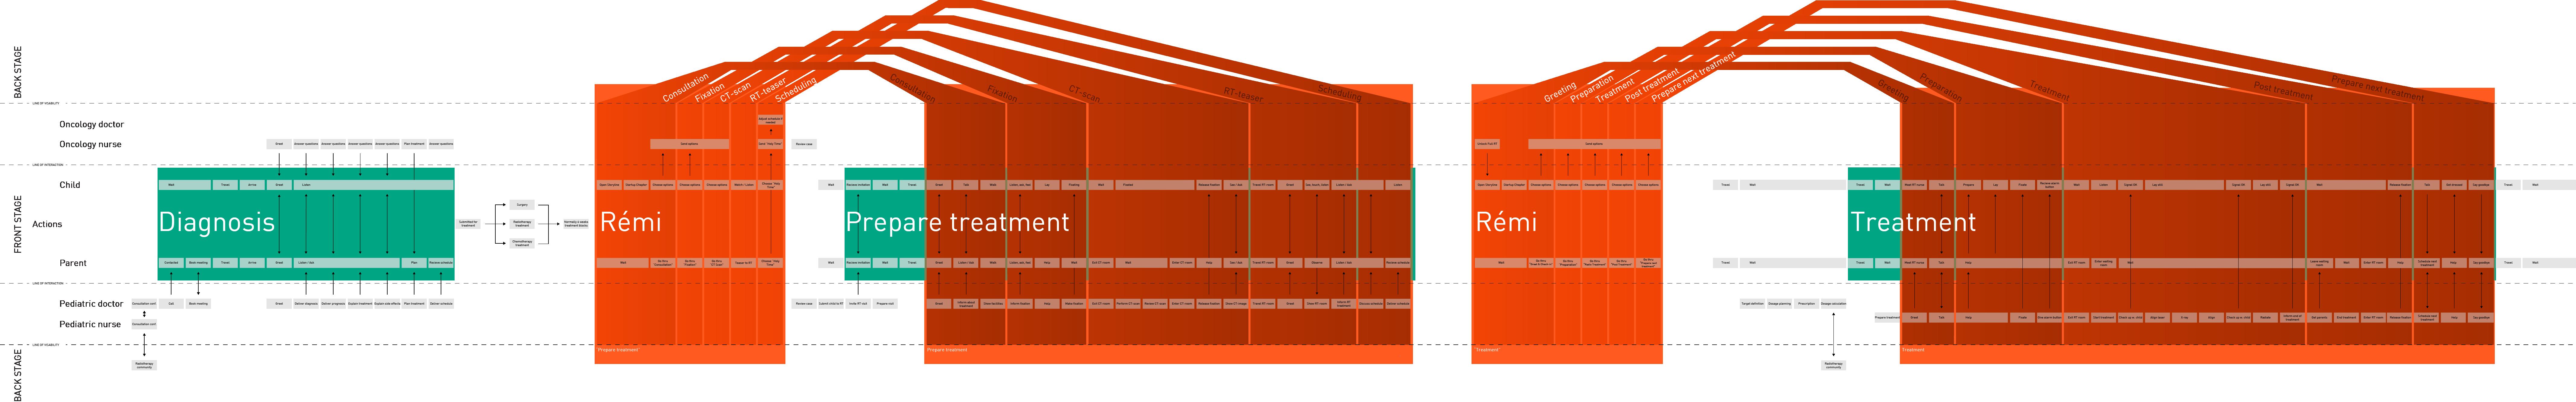 Service_blueprint_final